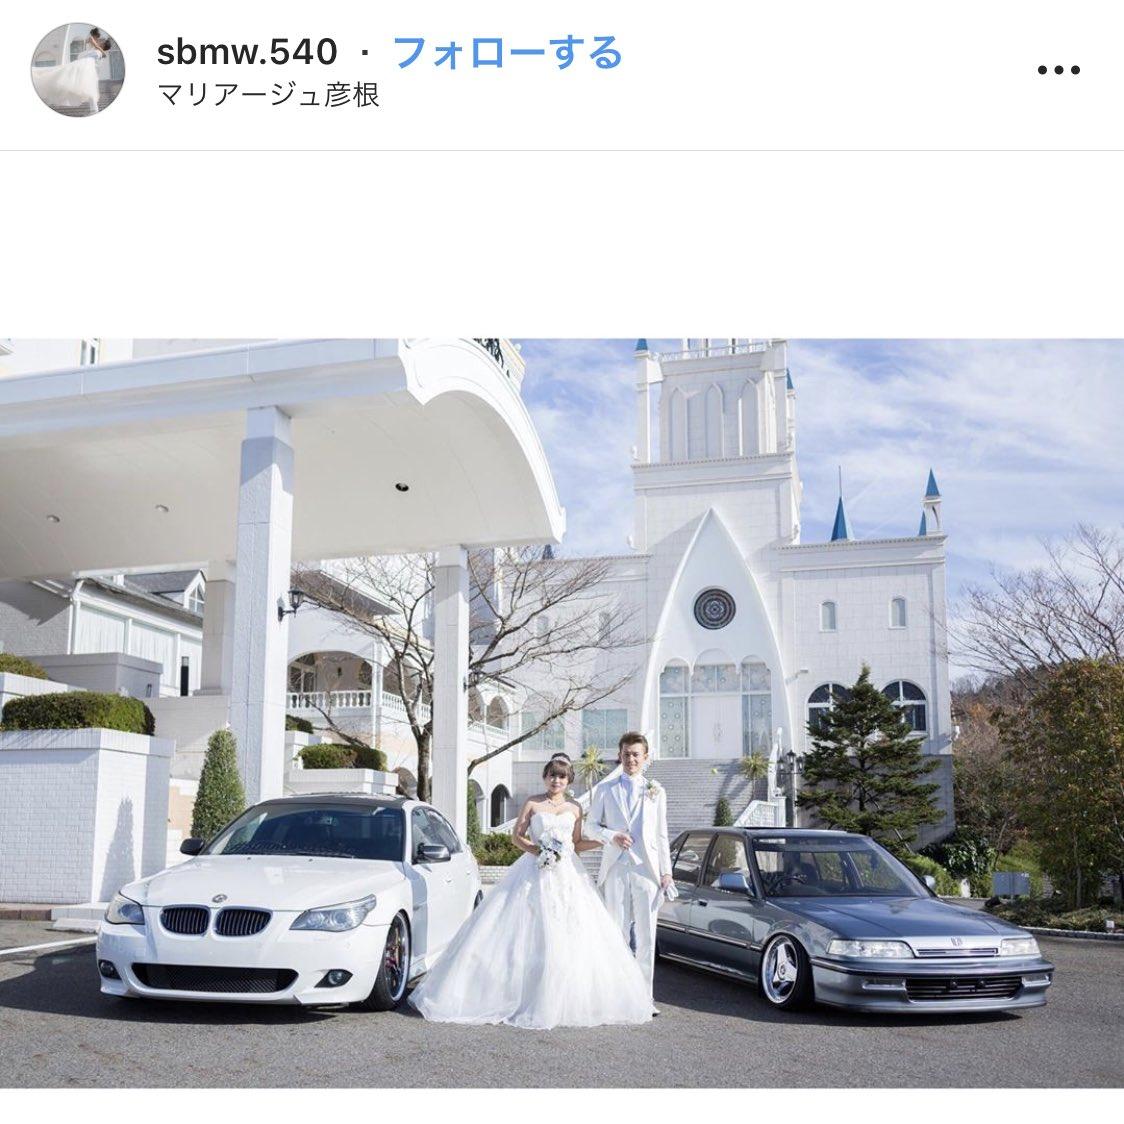 #車好きの結婚式#マークx#私の夢 私も結婚式は、クルマ集めてこーゆーのやりたい?❤︎!結婚相手には私の車好きを受け止めてくれる人が良い?愛車とウエディングドレスで一眼写真撮って貰うのが夢。今んとこ受験とか就職とか、やりたい事に失敗したことほぼ無いから、この夢も叶えるよ?